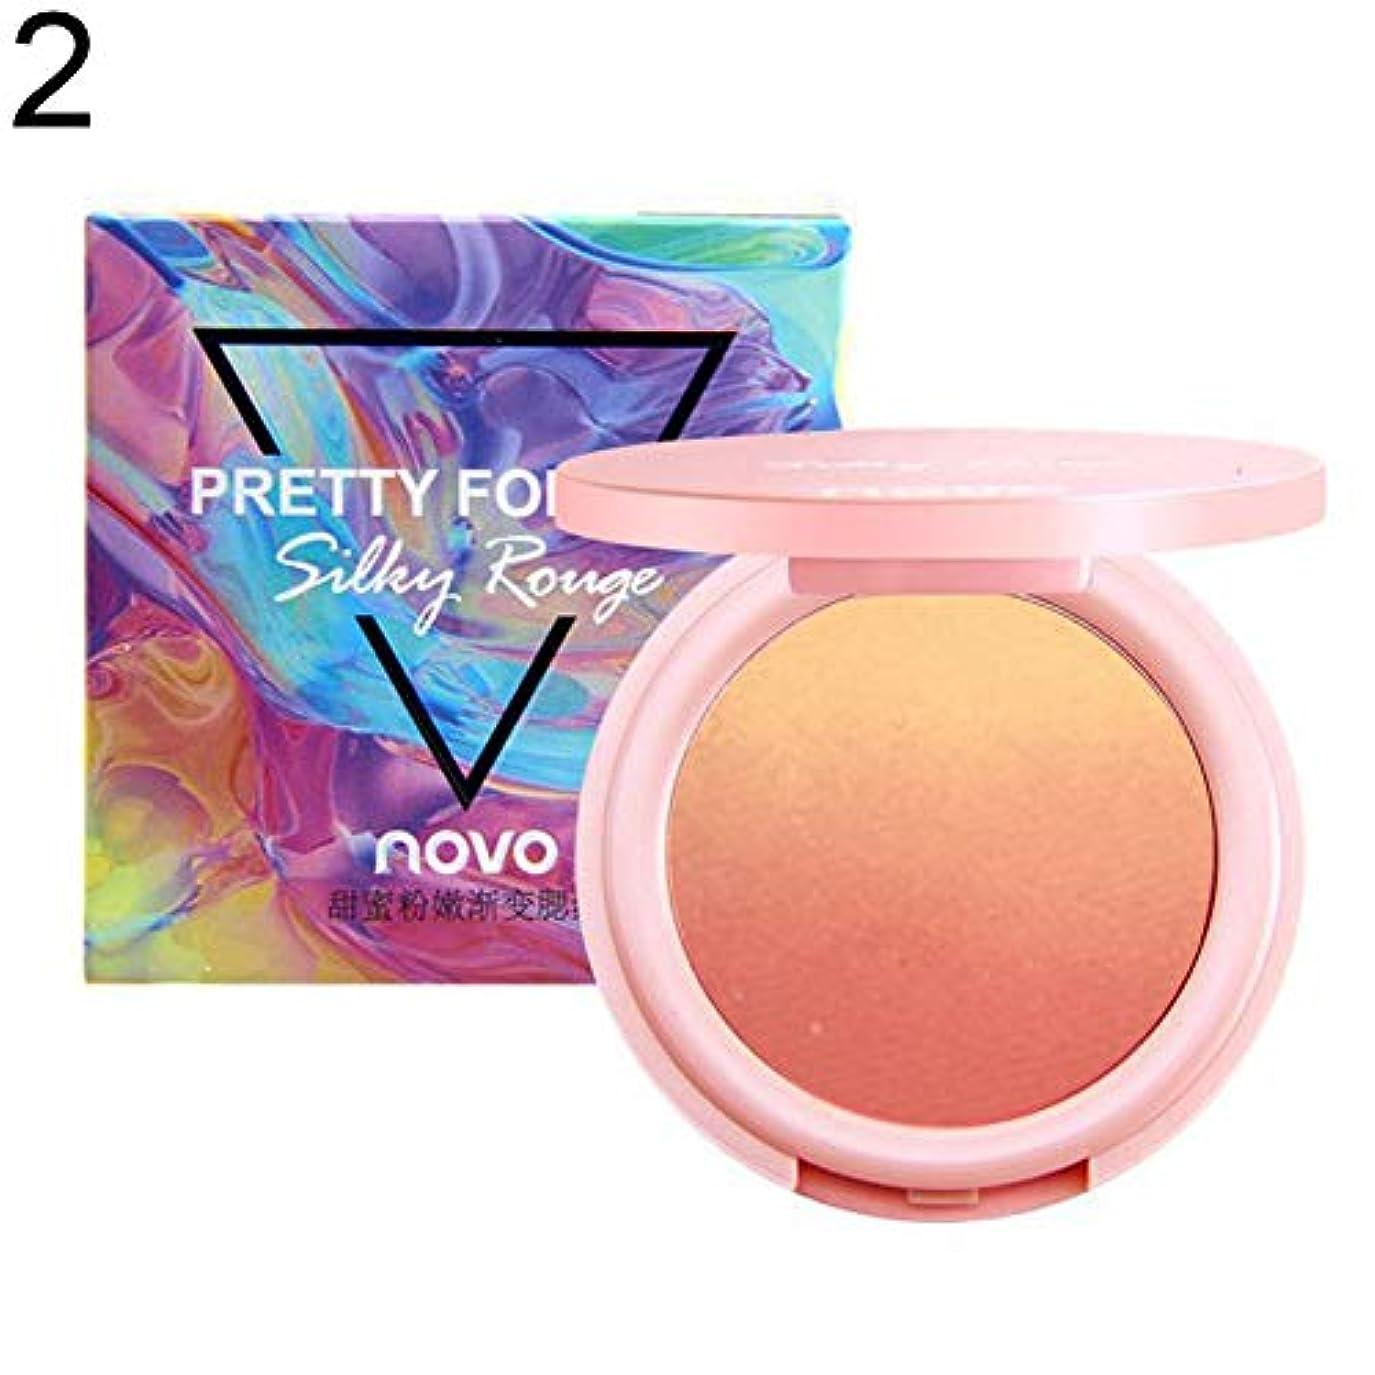 カウントアップ細菌無視するNOVOプロ2色フェイスブラッシャーパウダー長続きがする明るく頬化粧品 - 2#